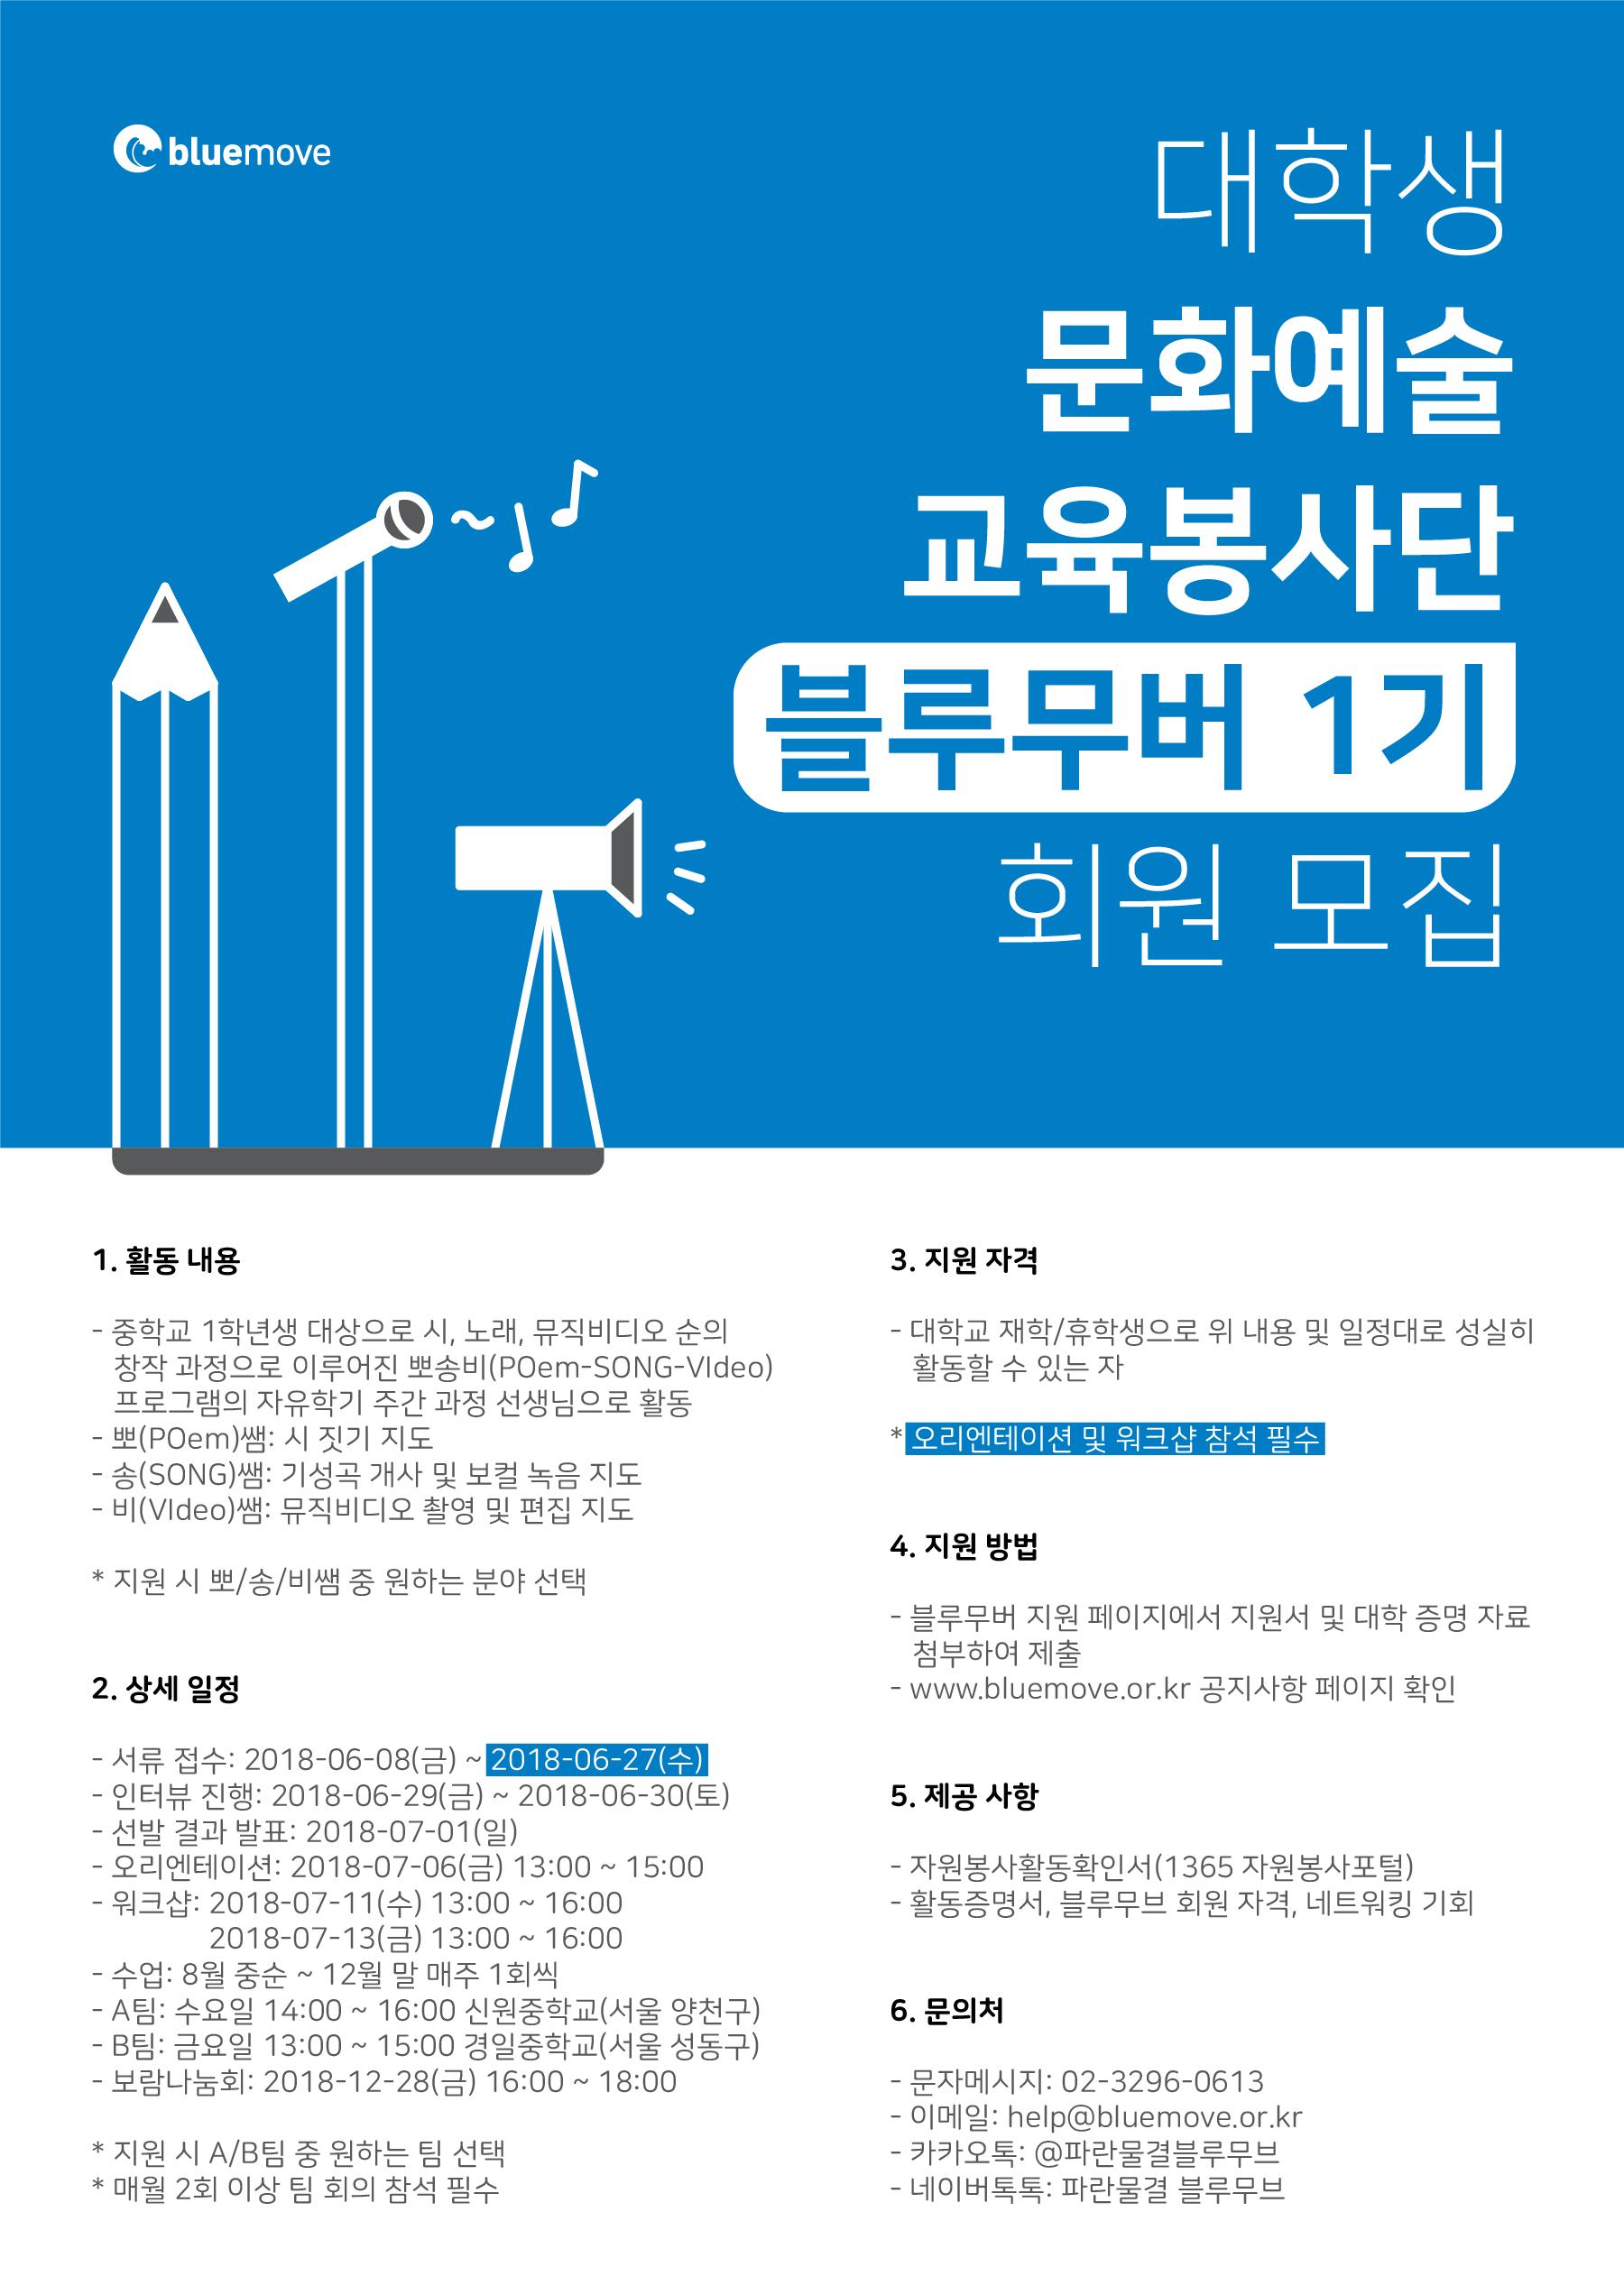 시 짓기, 보컬 녹음, 뮤비 제작 교육봉사 뽀송비